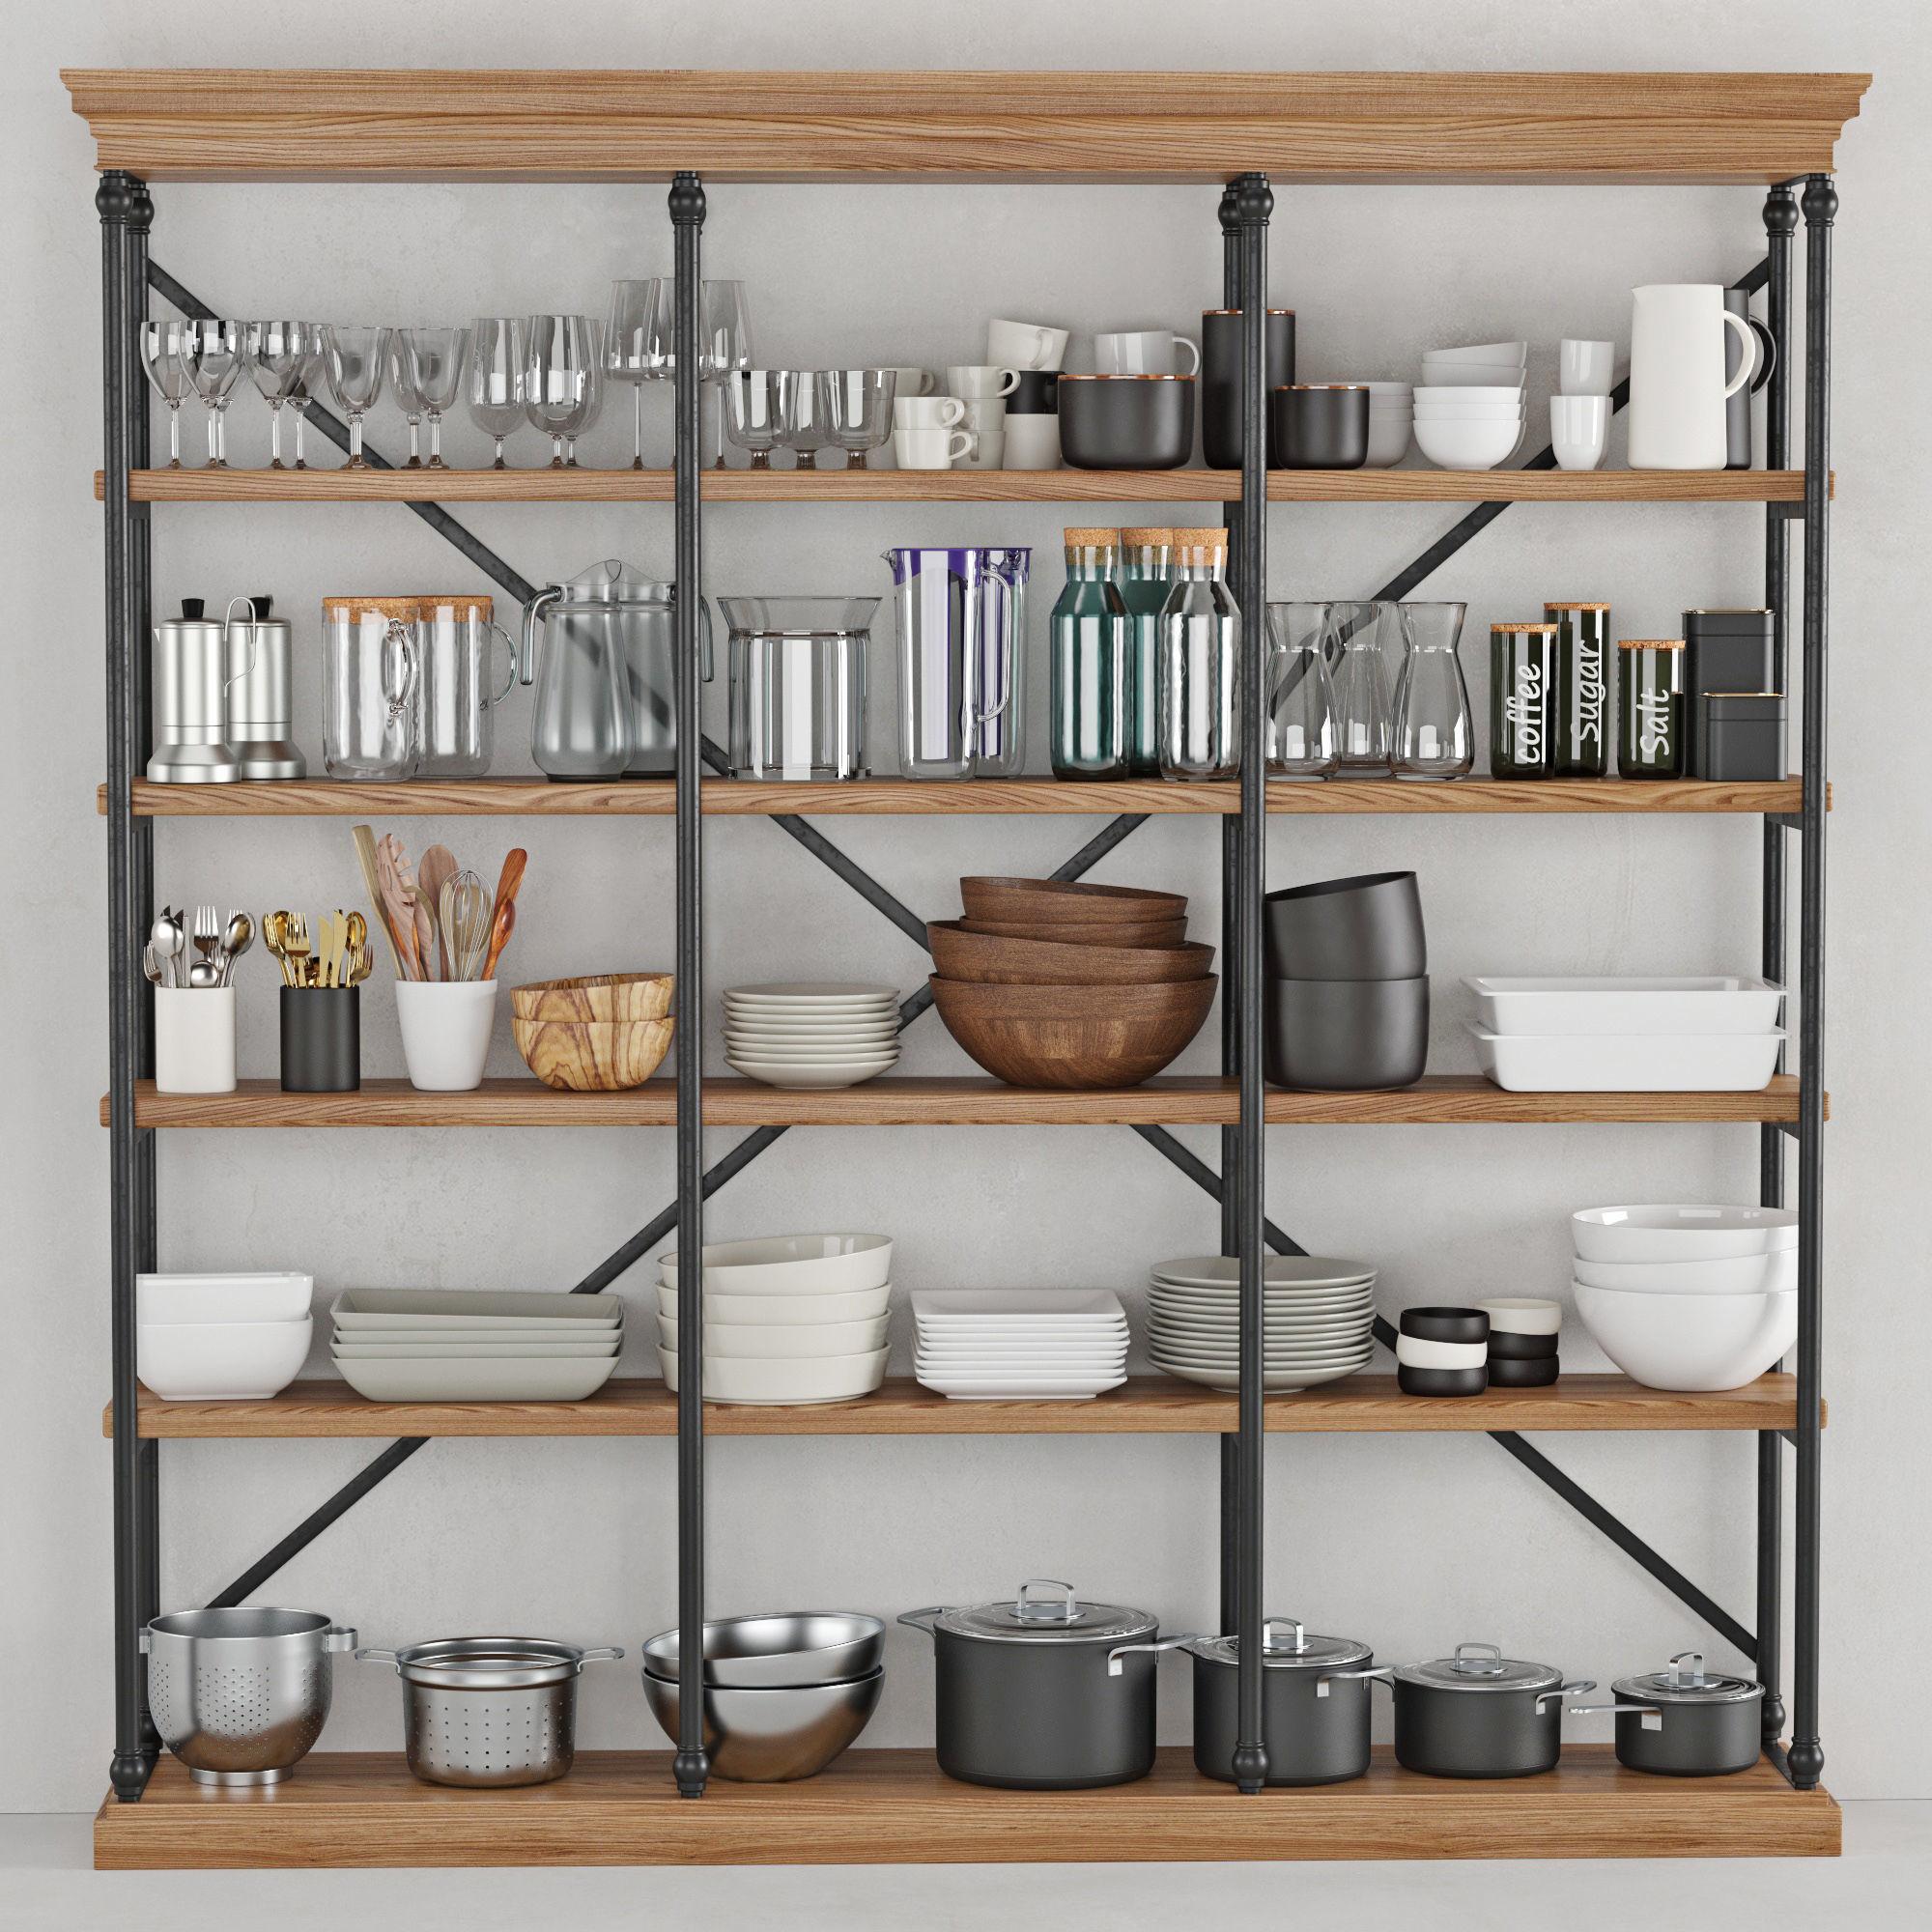 Kitchenware and Tableware 19